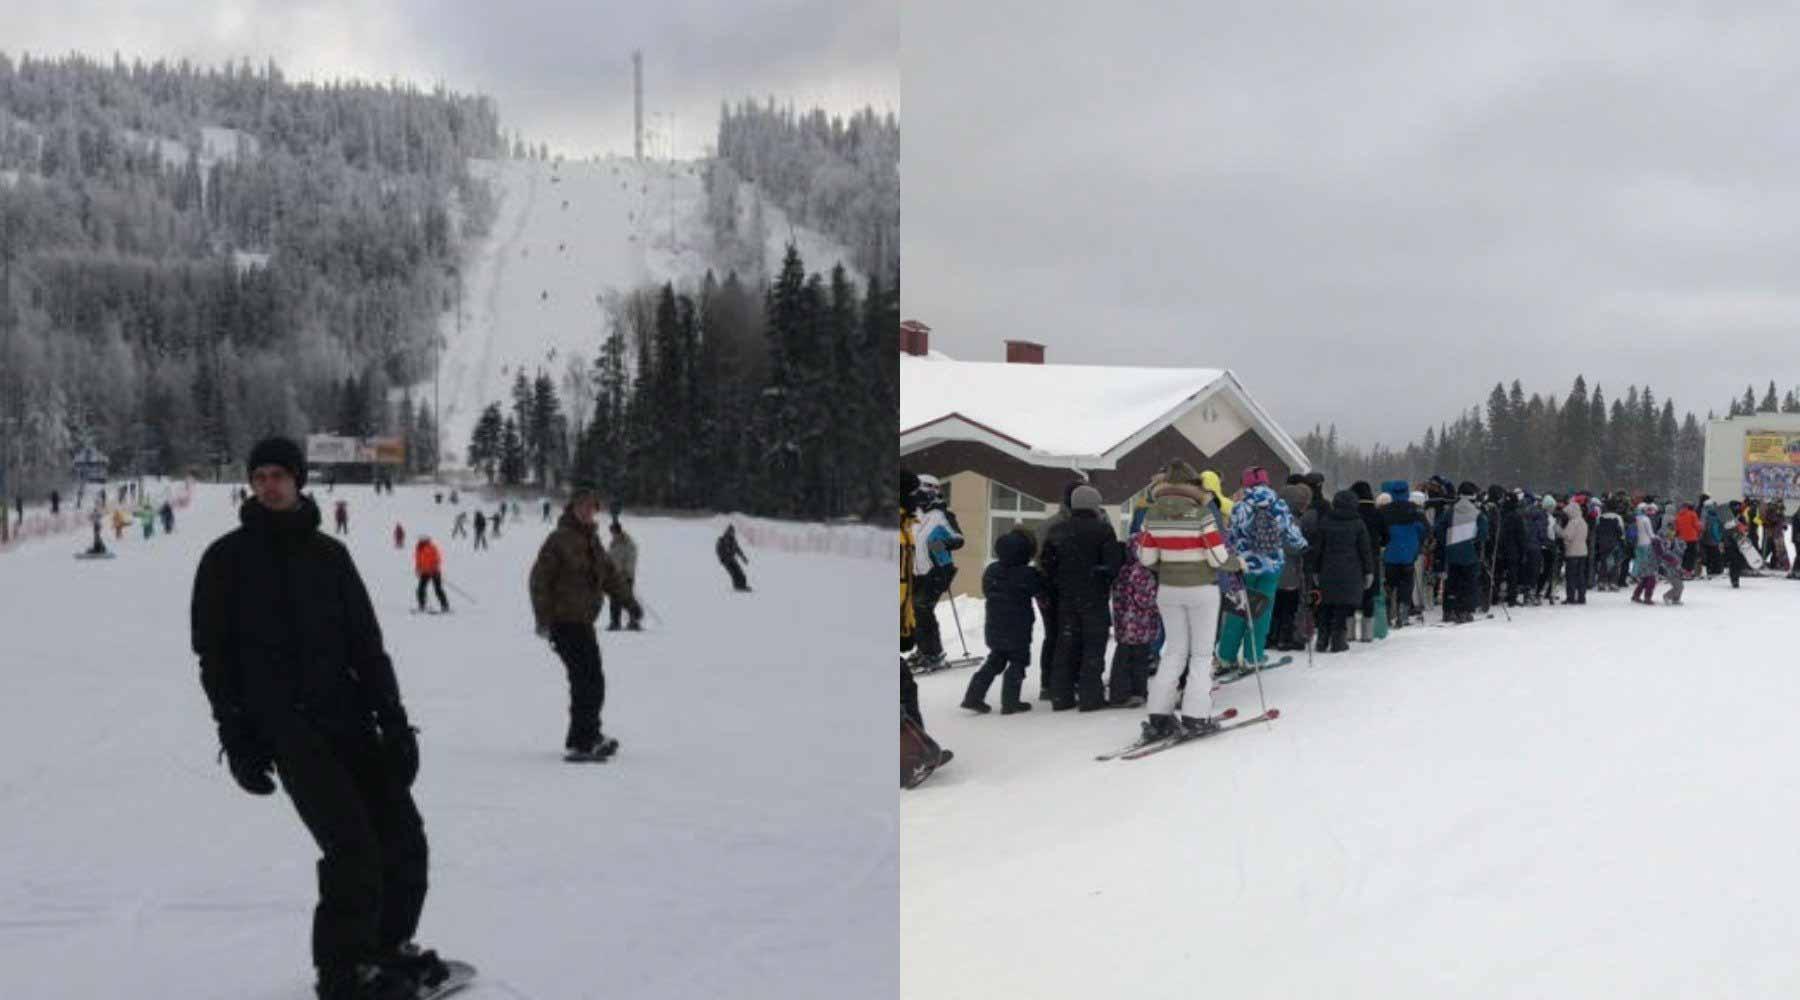 Жадность боссов «Уральского Куршевеля» ведет туристов в настоящие Альпы